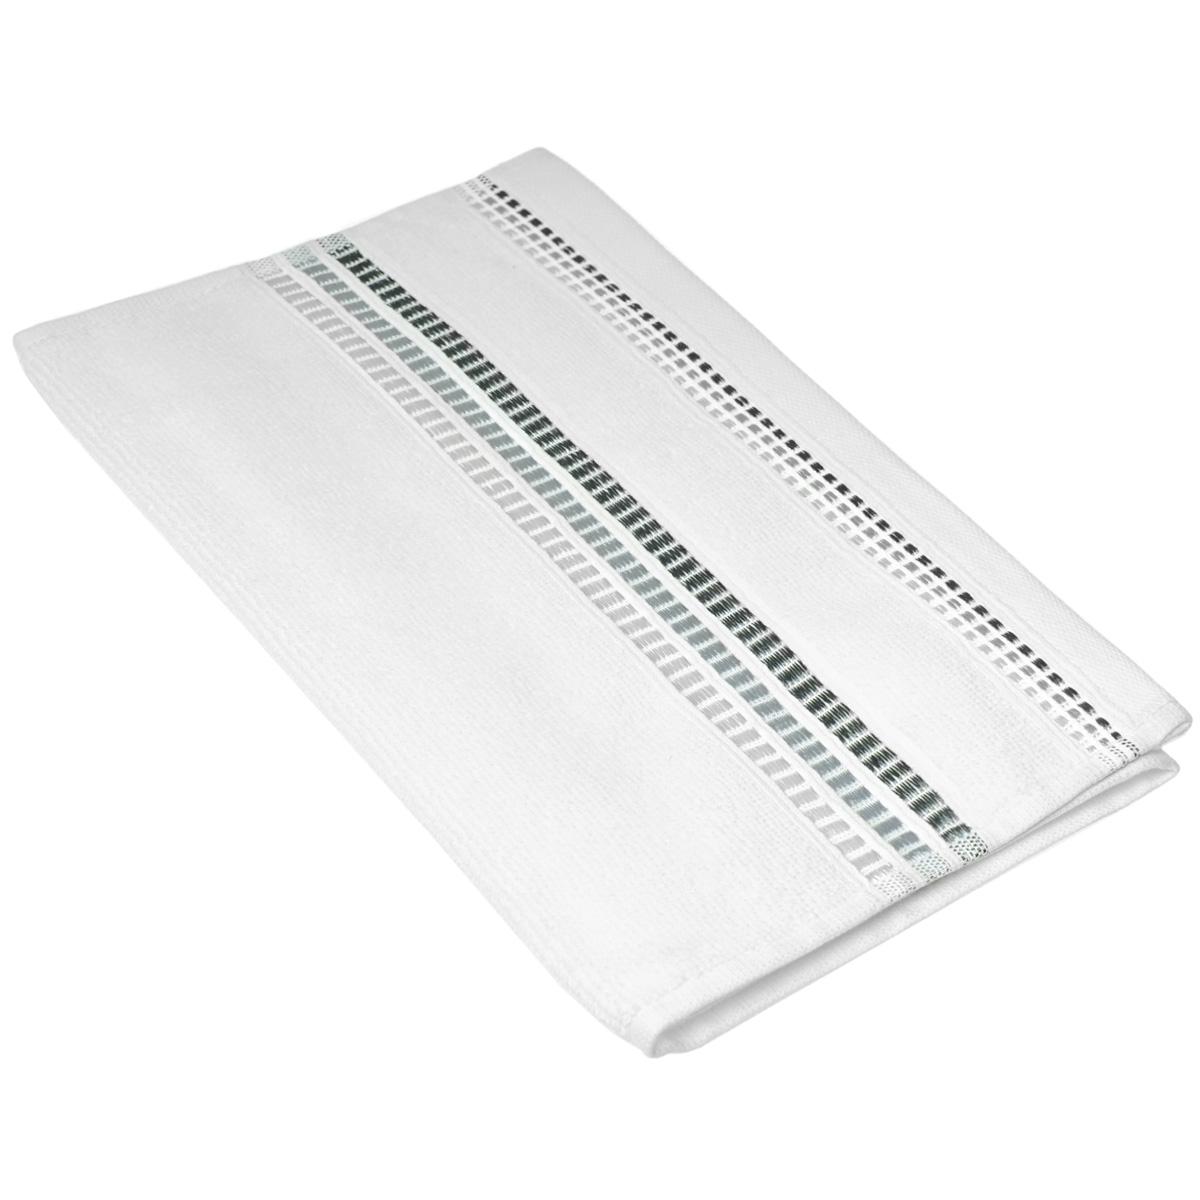 Полотенце махровое Coronet Пиано, цвет: белый, 30 см х 50 смБ-МП-2020-08-01Махровое полотенце Coronet Пиано, изготовленное из натурального хлопка, подарит массу положительных эмоций и приятных ощущений. Полотенце отличается нежностью и мягкостью материала, утонченным дизайном и превосходным качеством. Оно прекрасно впитывает влагу, быстро сохнет и не теряет своих свойств после многократных стирок. Махровое полотенце Coronet Пиано станет достойным выбором для вас и приятным подарком для ваших близких. Мягкость и высокое качество материала, из которого изготовлены полотенца не оставит вас равнодушными.